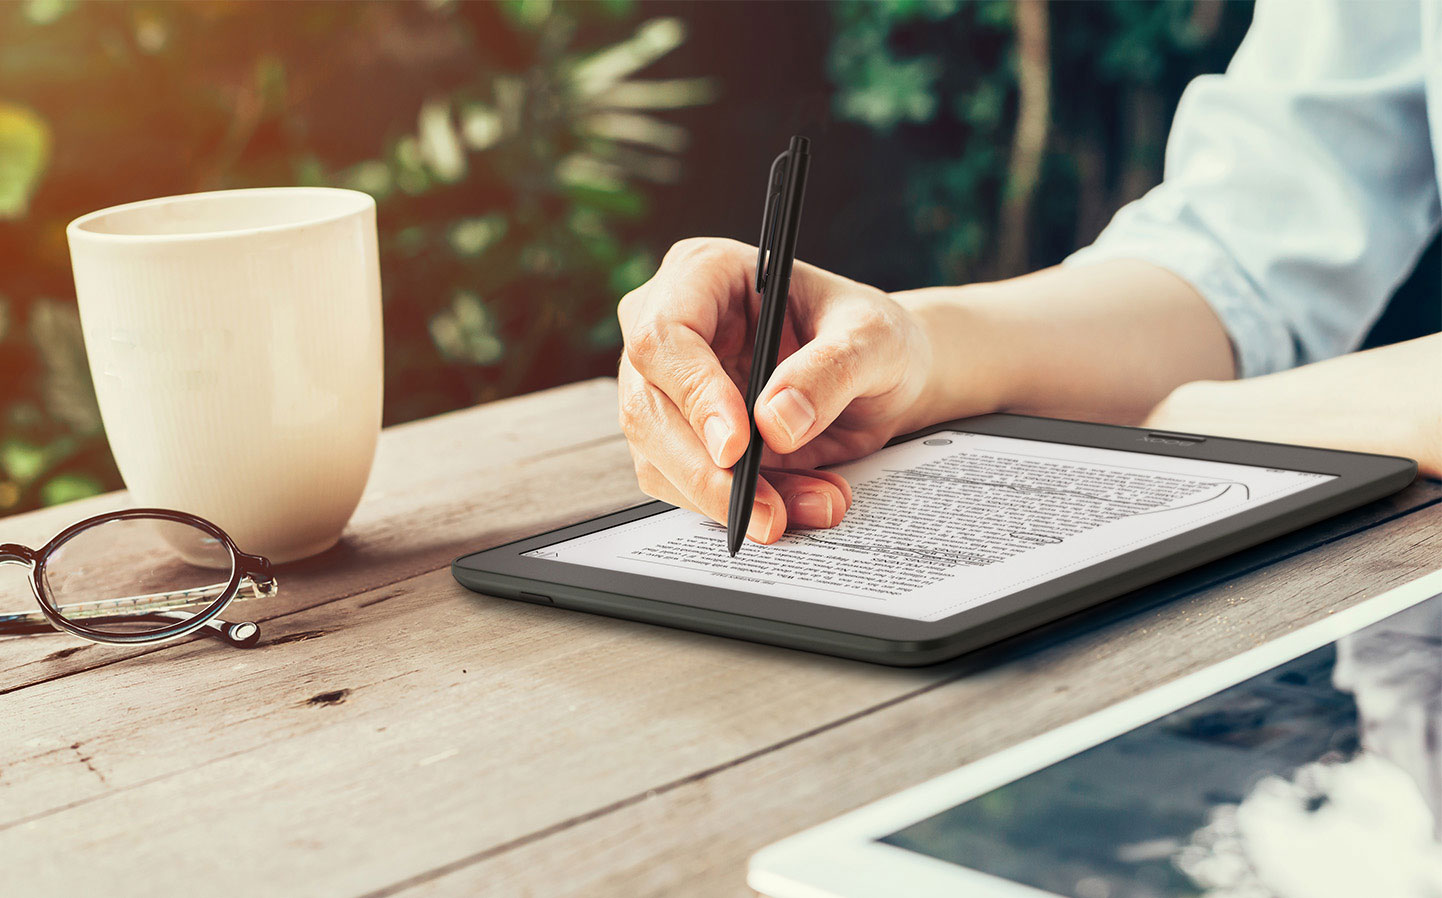 Czytaj i rób notatki -  tak jak w książkach drukowanych